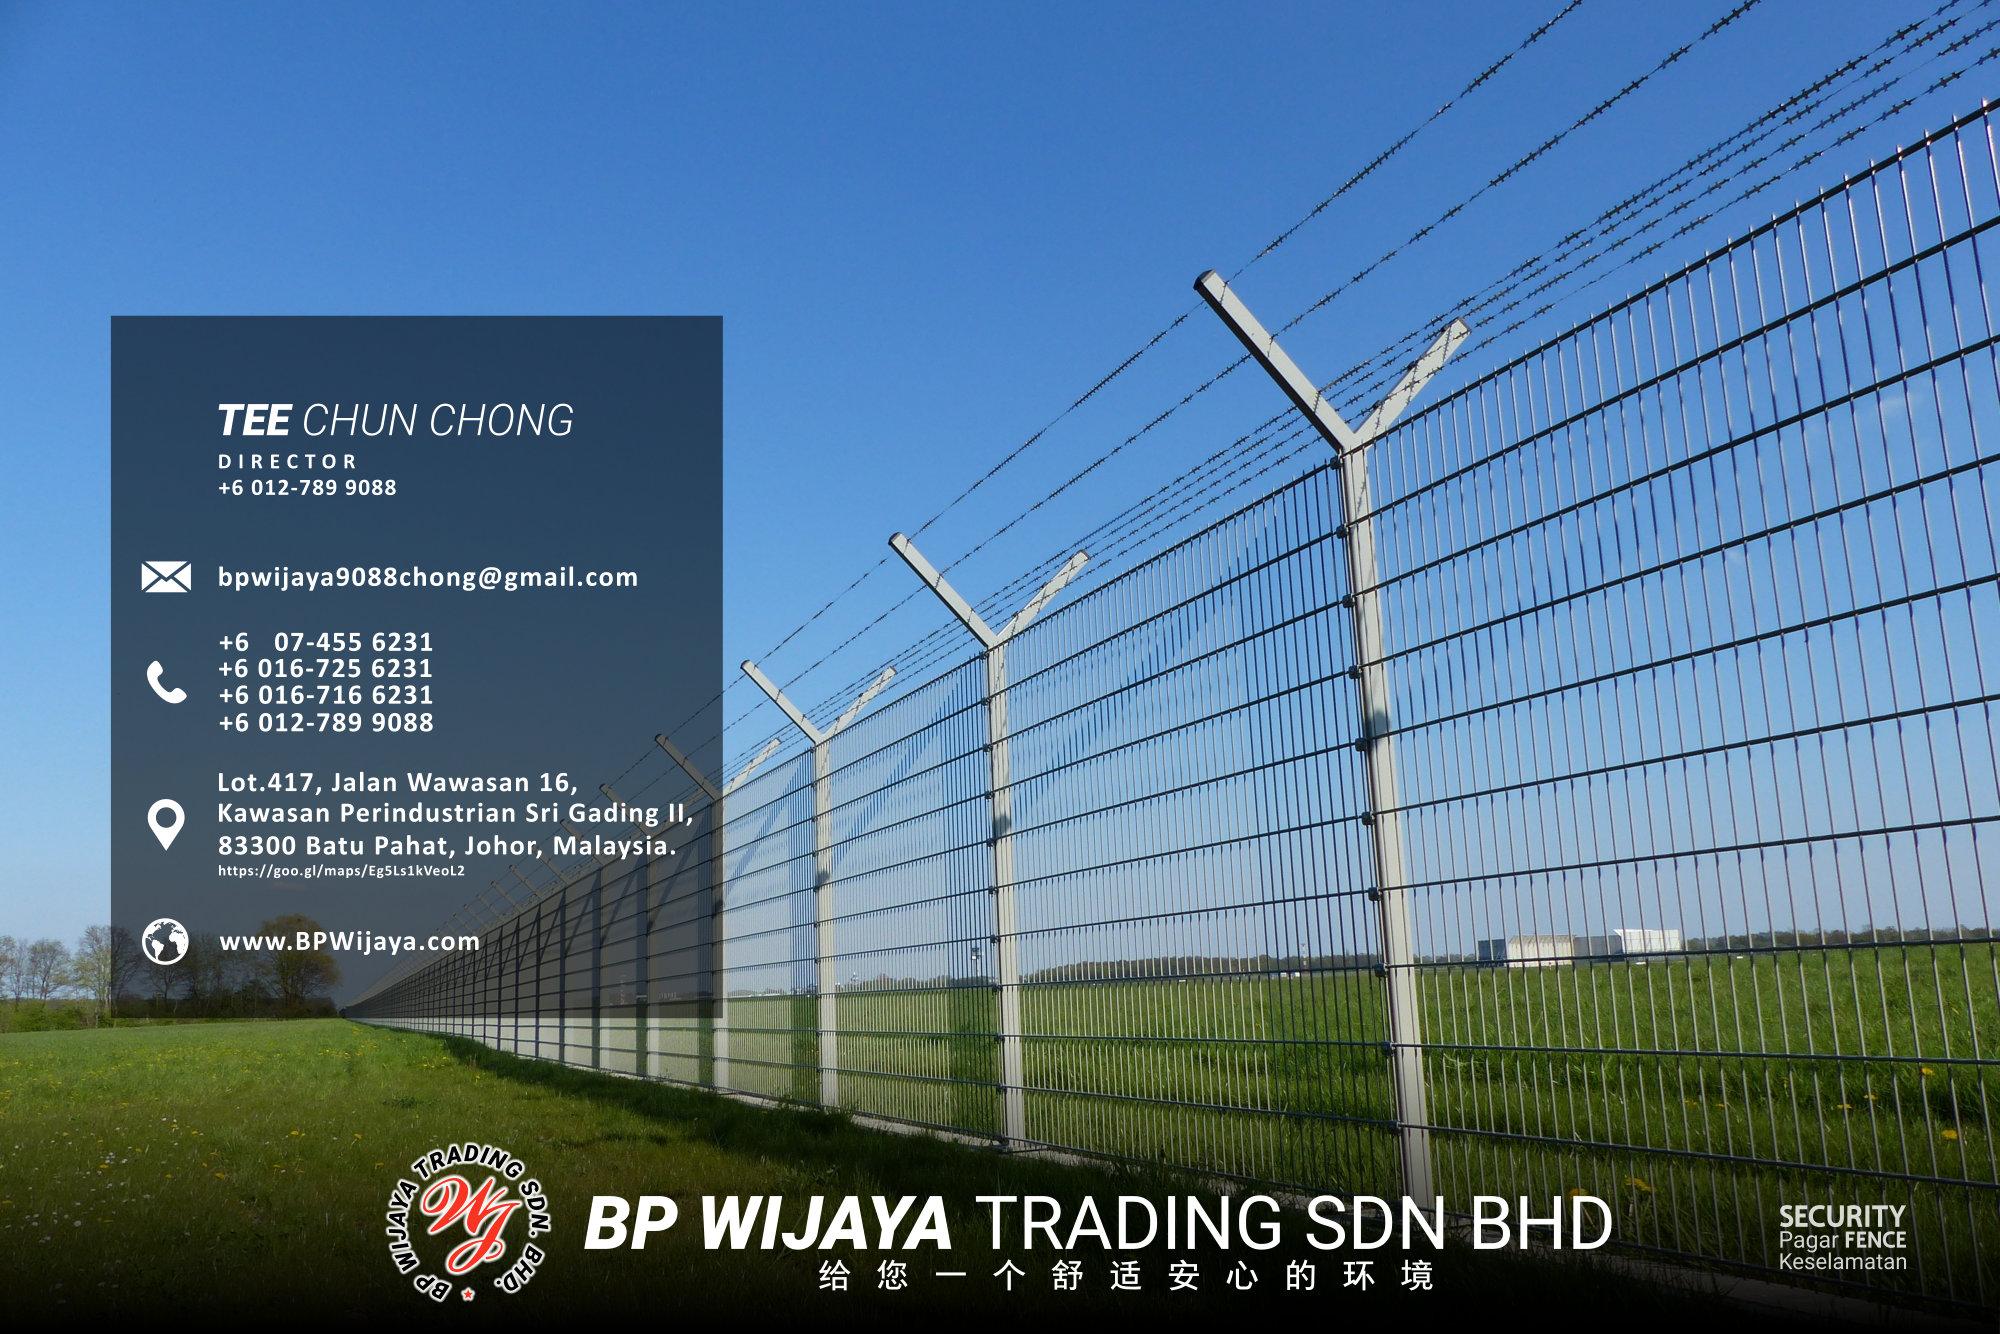 吉隆坡安全篱笆供应商 - 我们是安全篱笆制造商 BP Wijaya Trading Sdn Bhd 住家围栏篱笆 提供 吉隆坡篱笆 建筑材料 给 发展商 花园 公寓 住家 工厂 农场 果园 安全藩篱 建设 A03-010